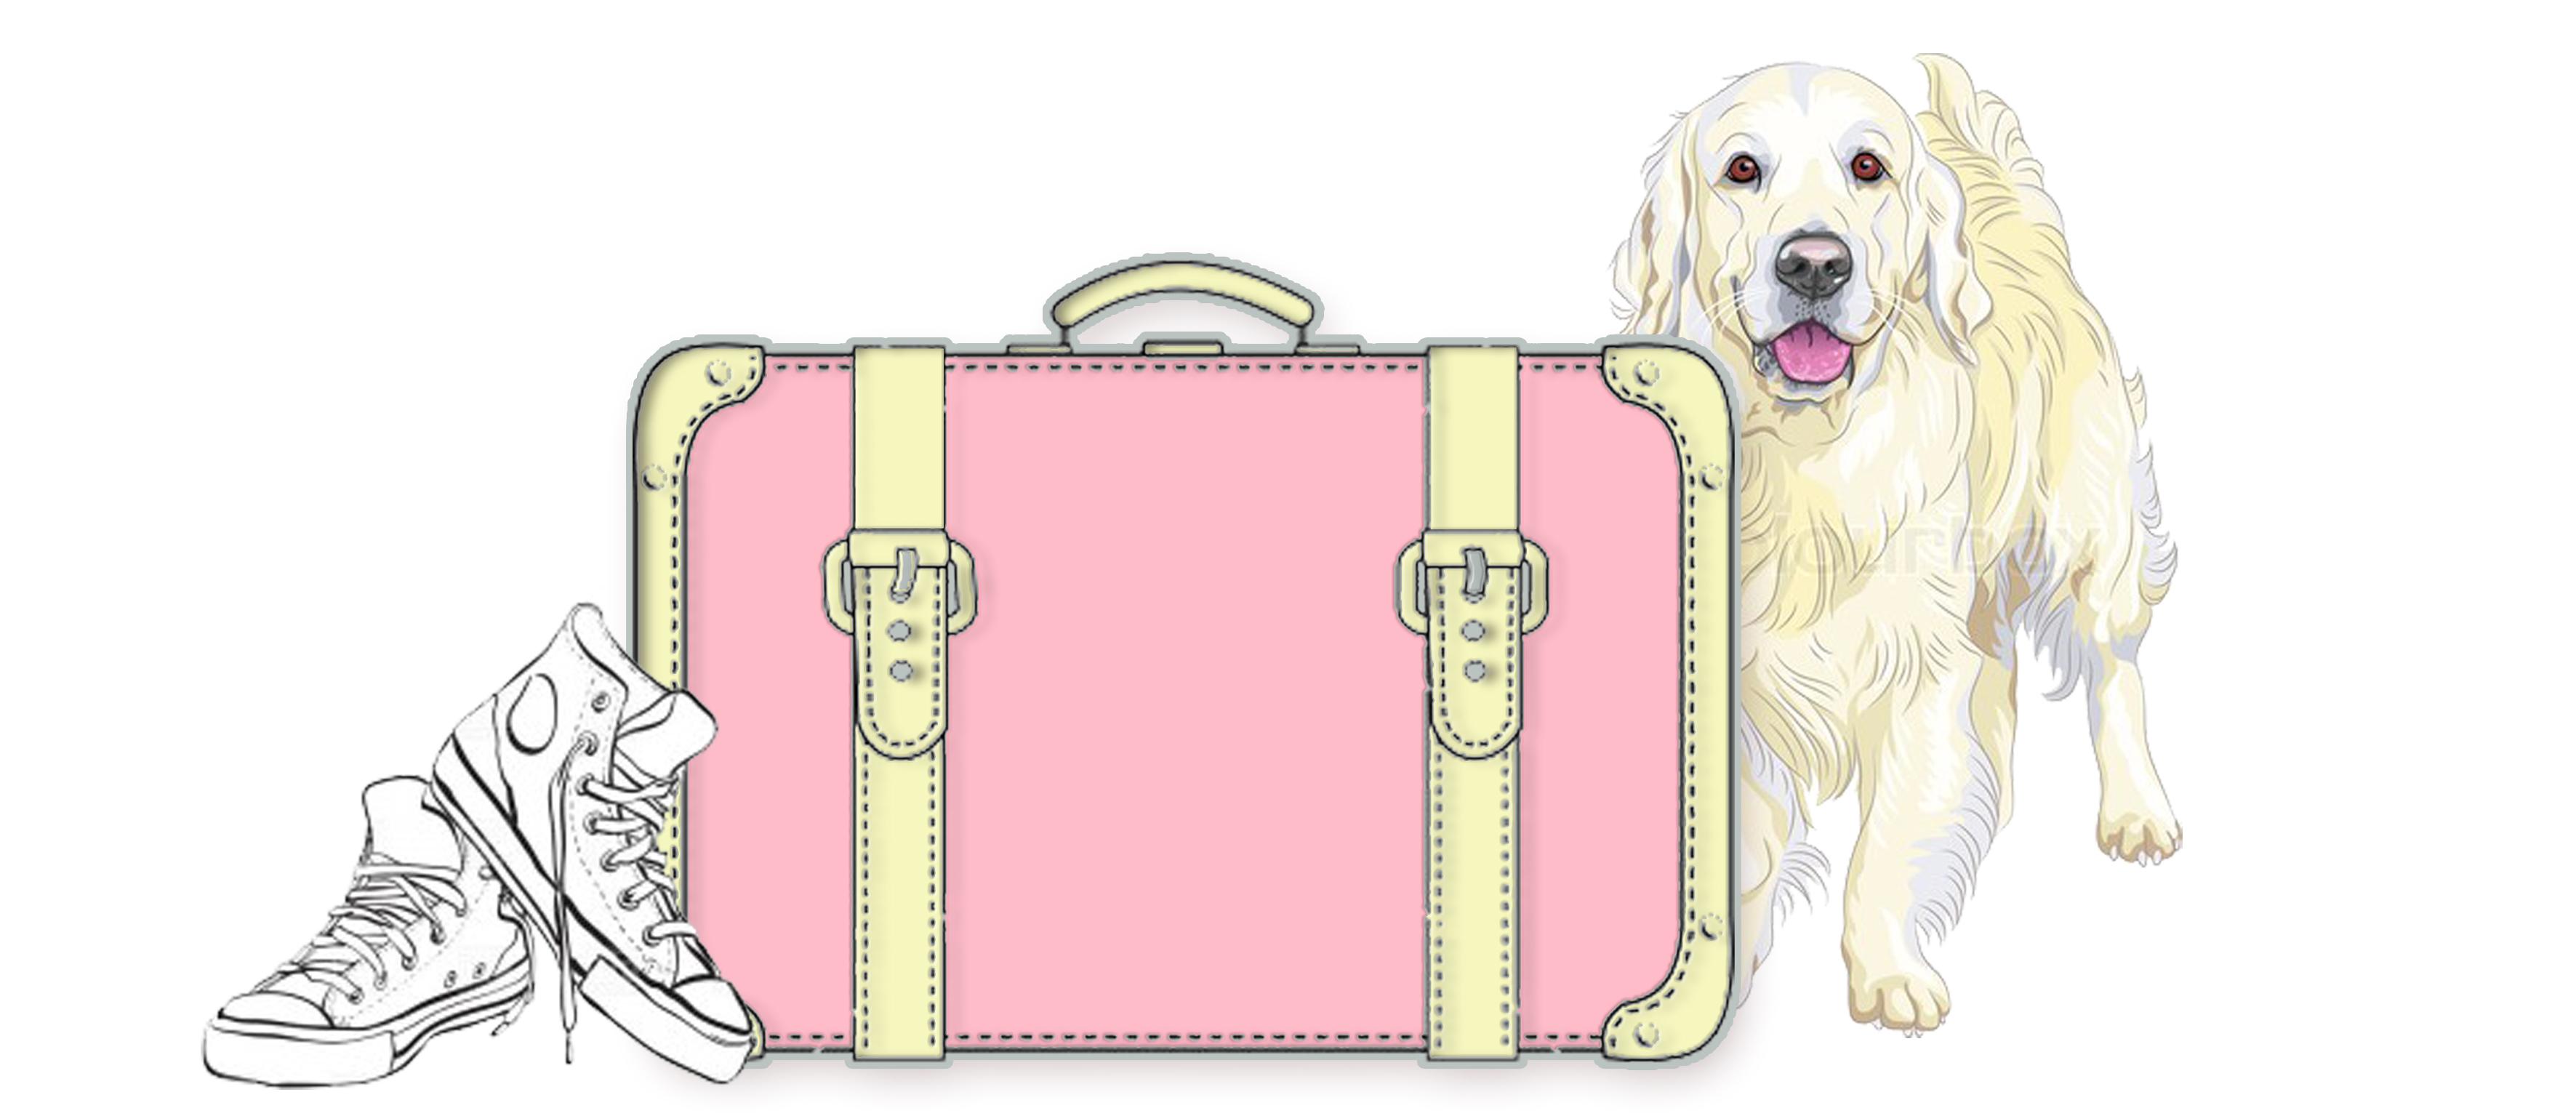 My Traveling dog